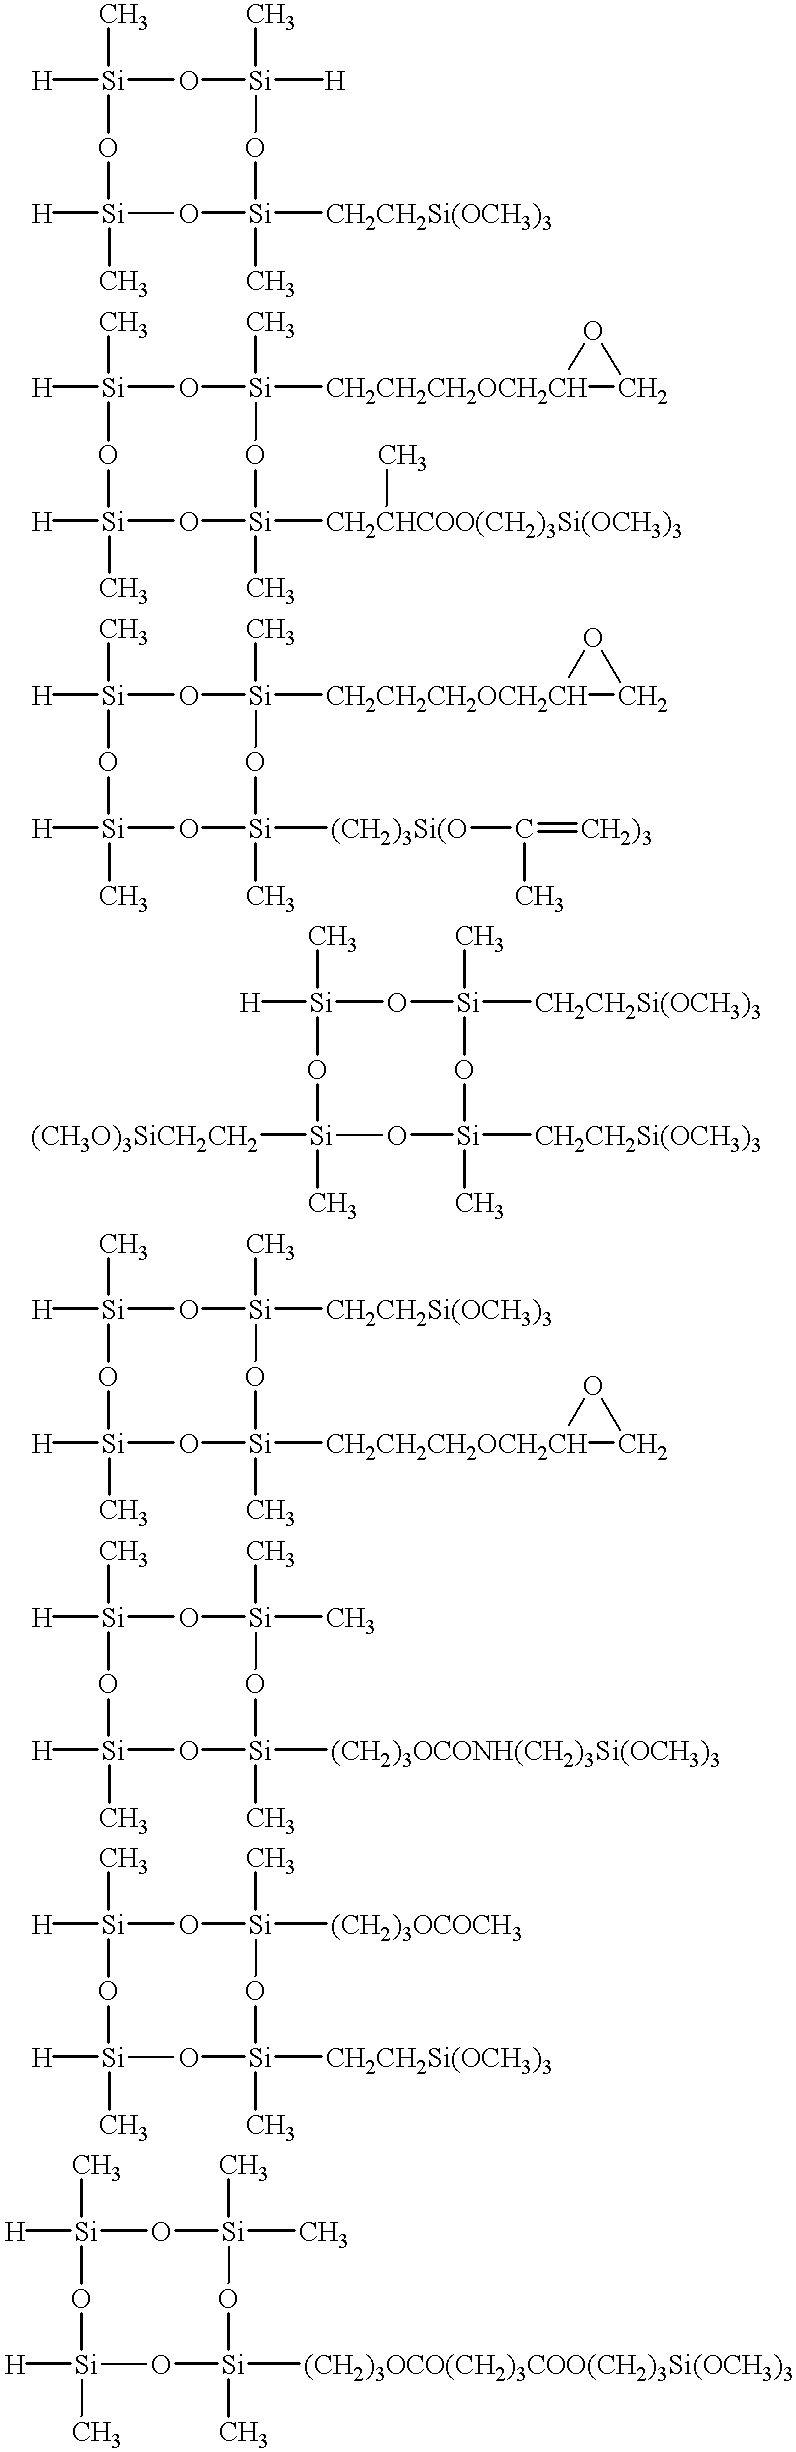 Figure US20020032270A1-20020314-C00002